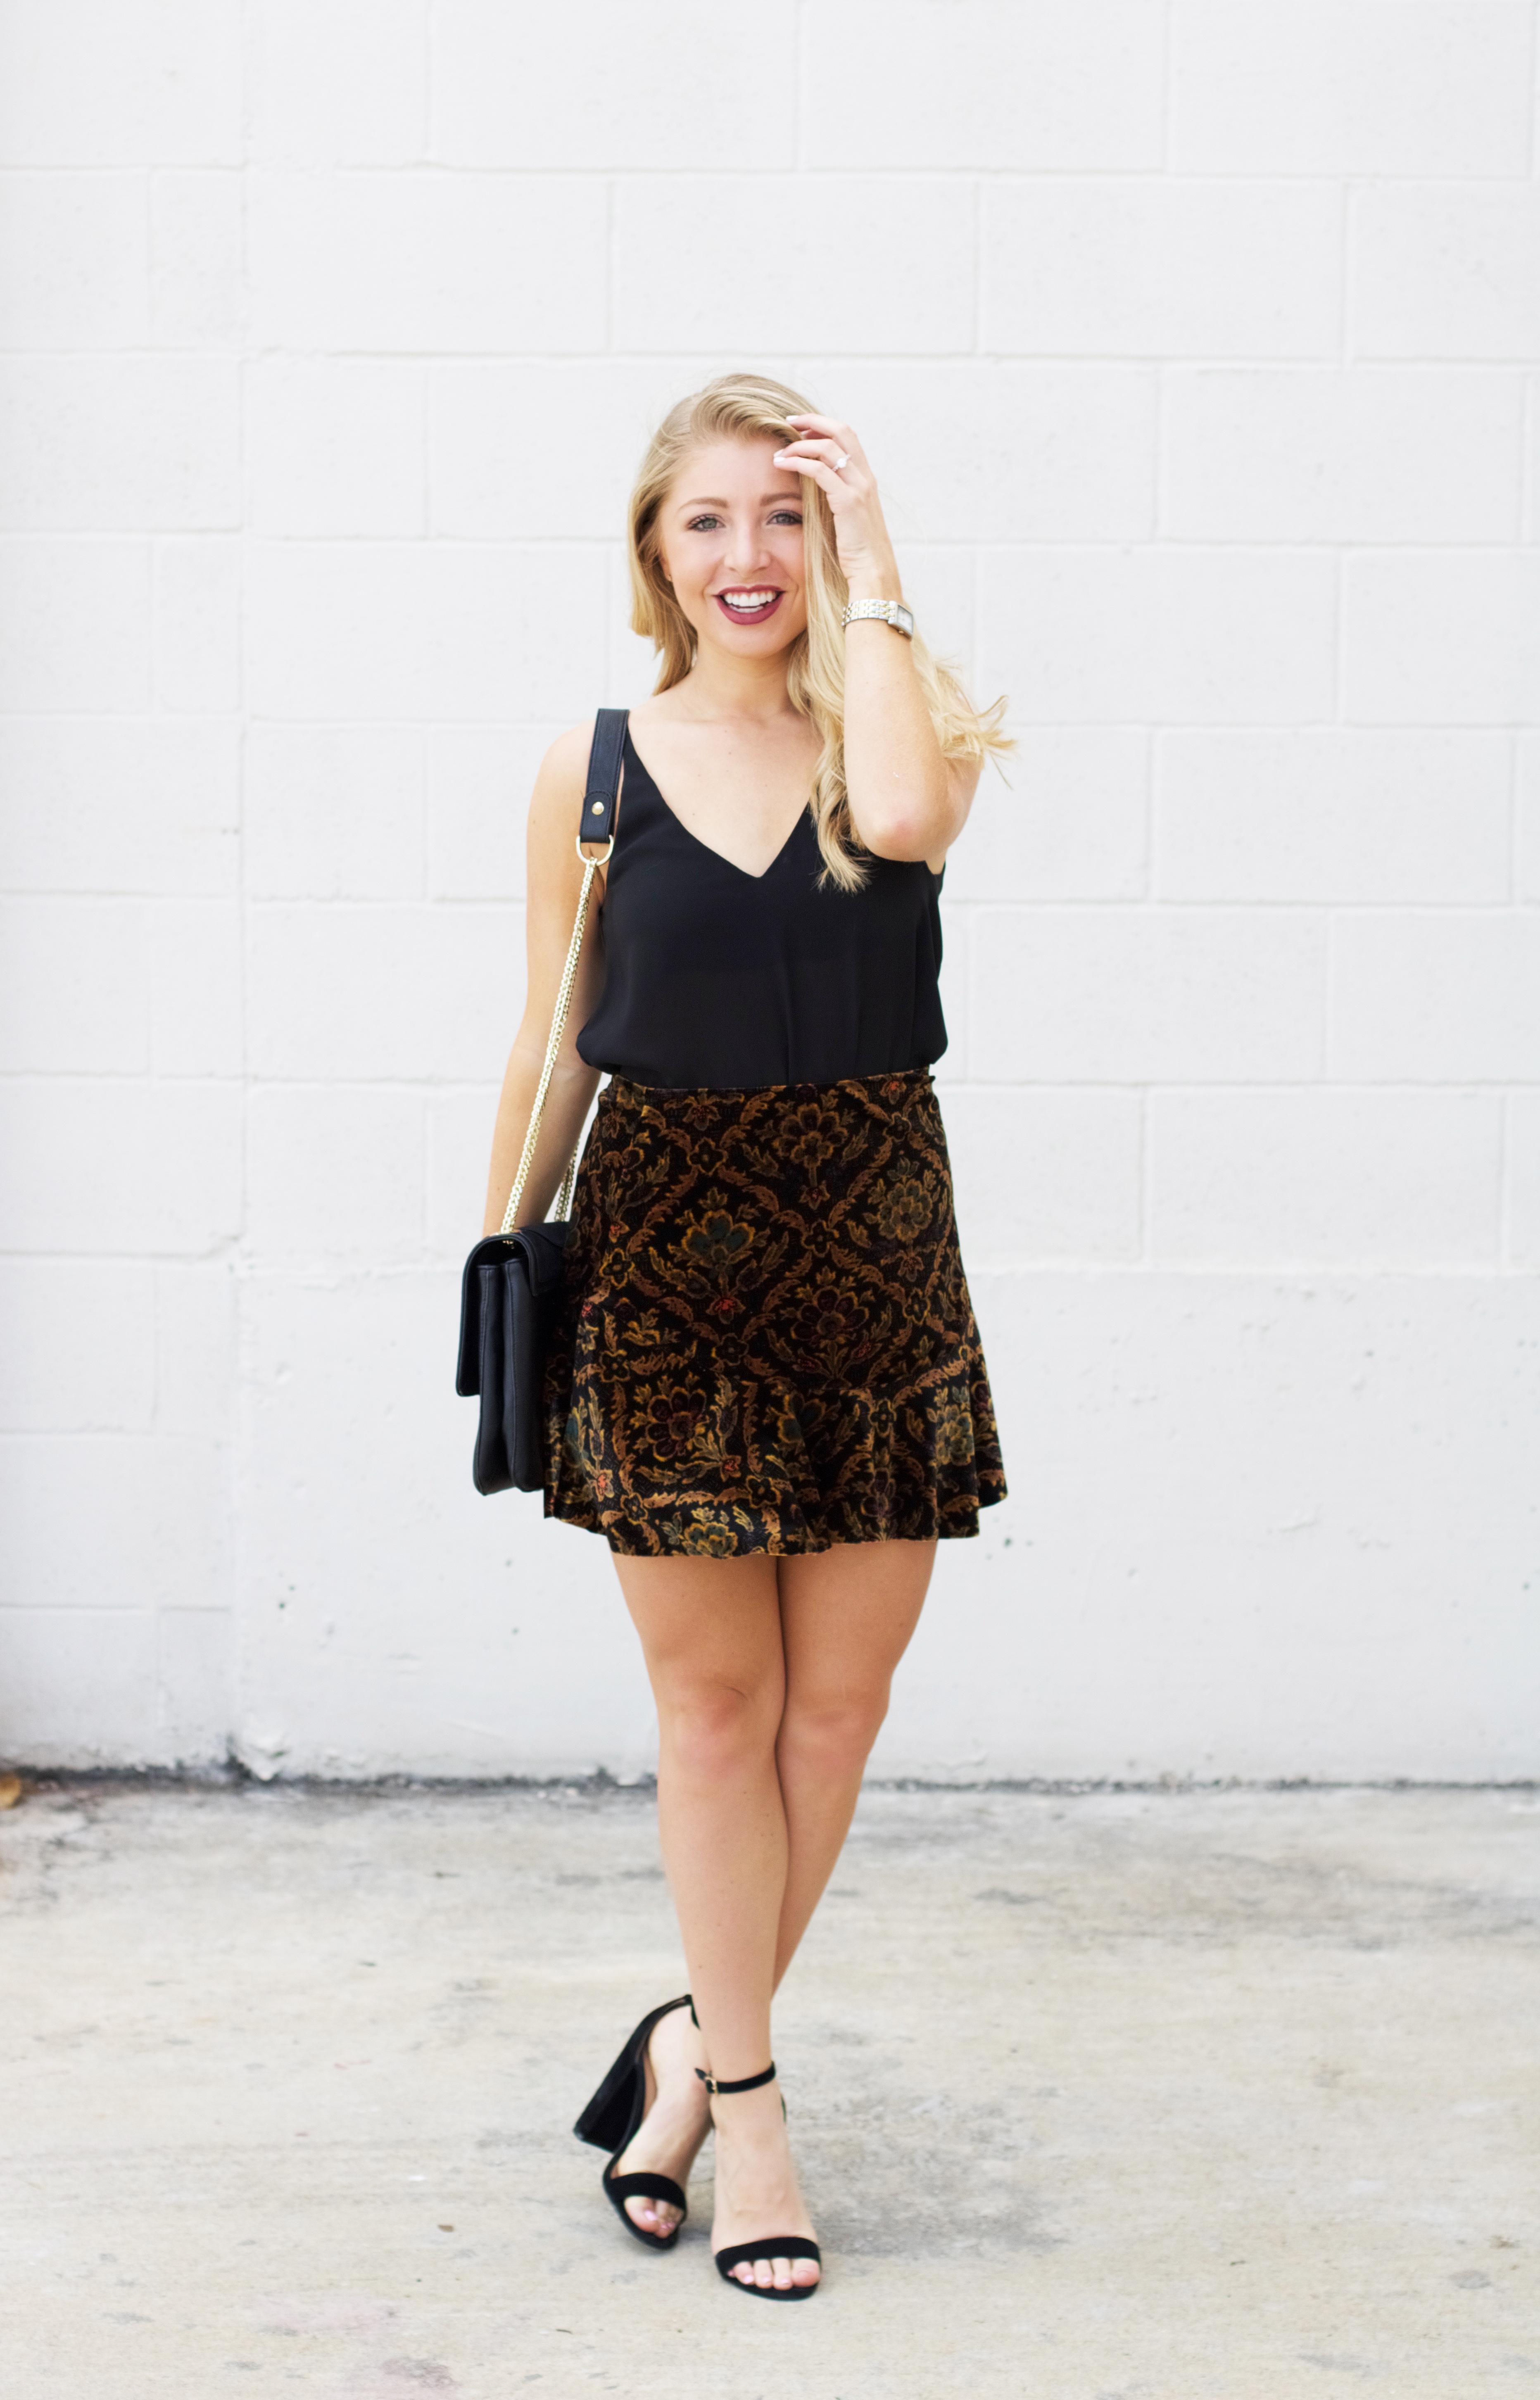 Velvet Skirt - Urban Outfitters - Fall Fashion - LifetoLauren